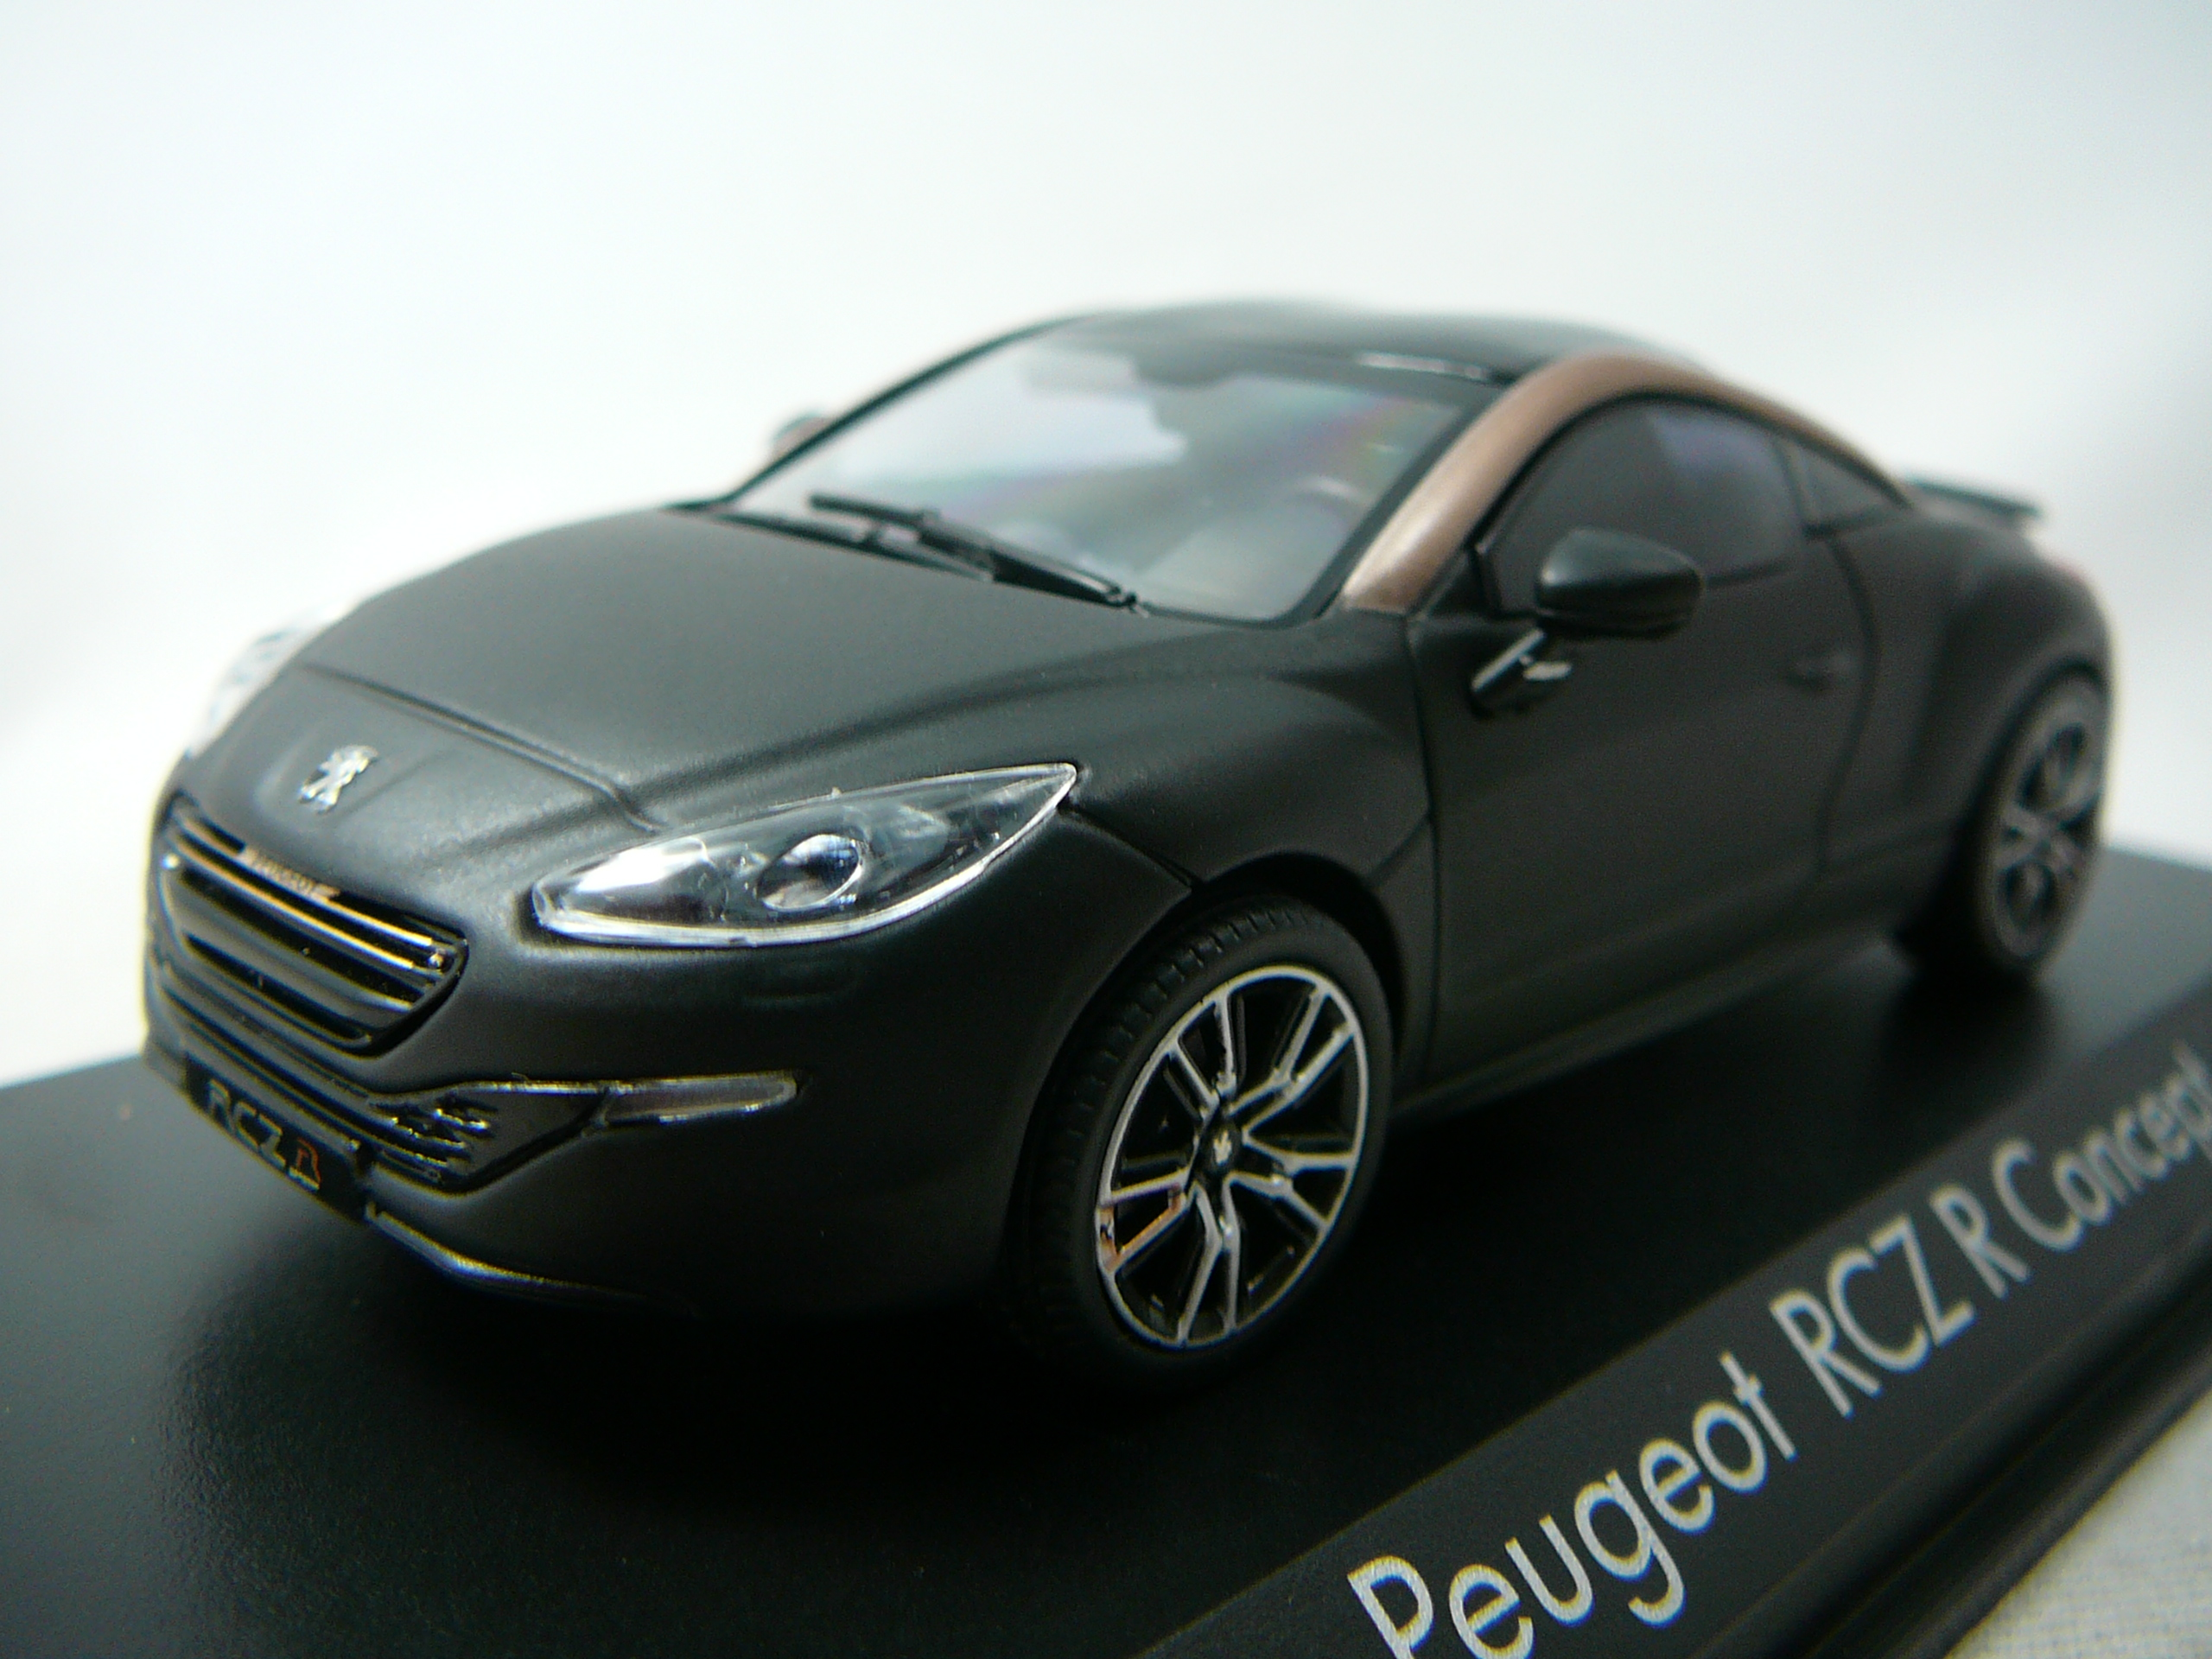 peugeot rcz r concept car salon paris 2012 miniature 1 43 norev no 473873 freeway01 voitures. Black Bedroom Furniture Sets. Home Design Ideas